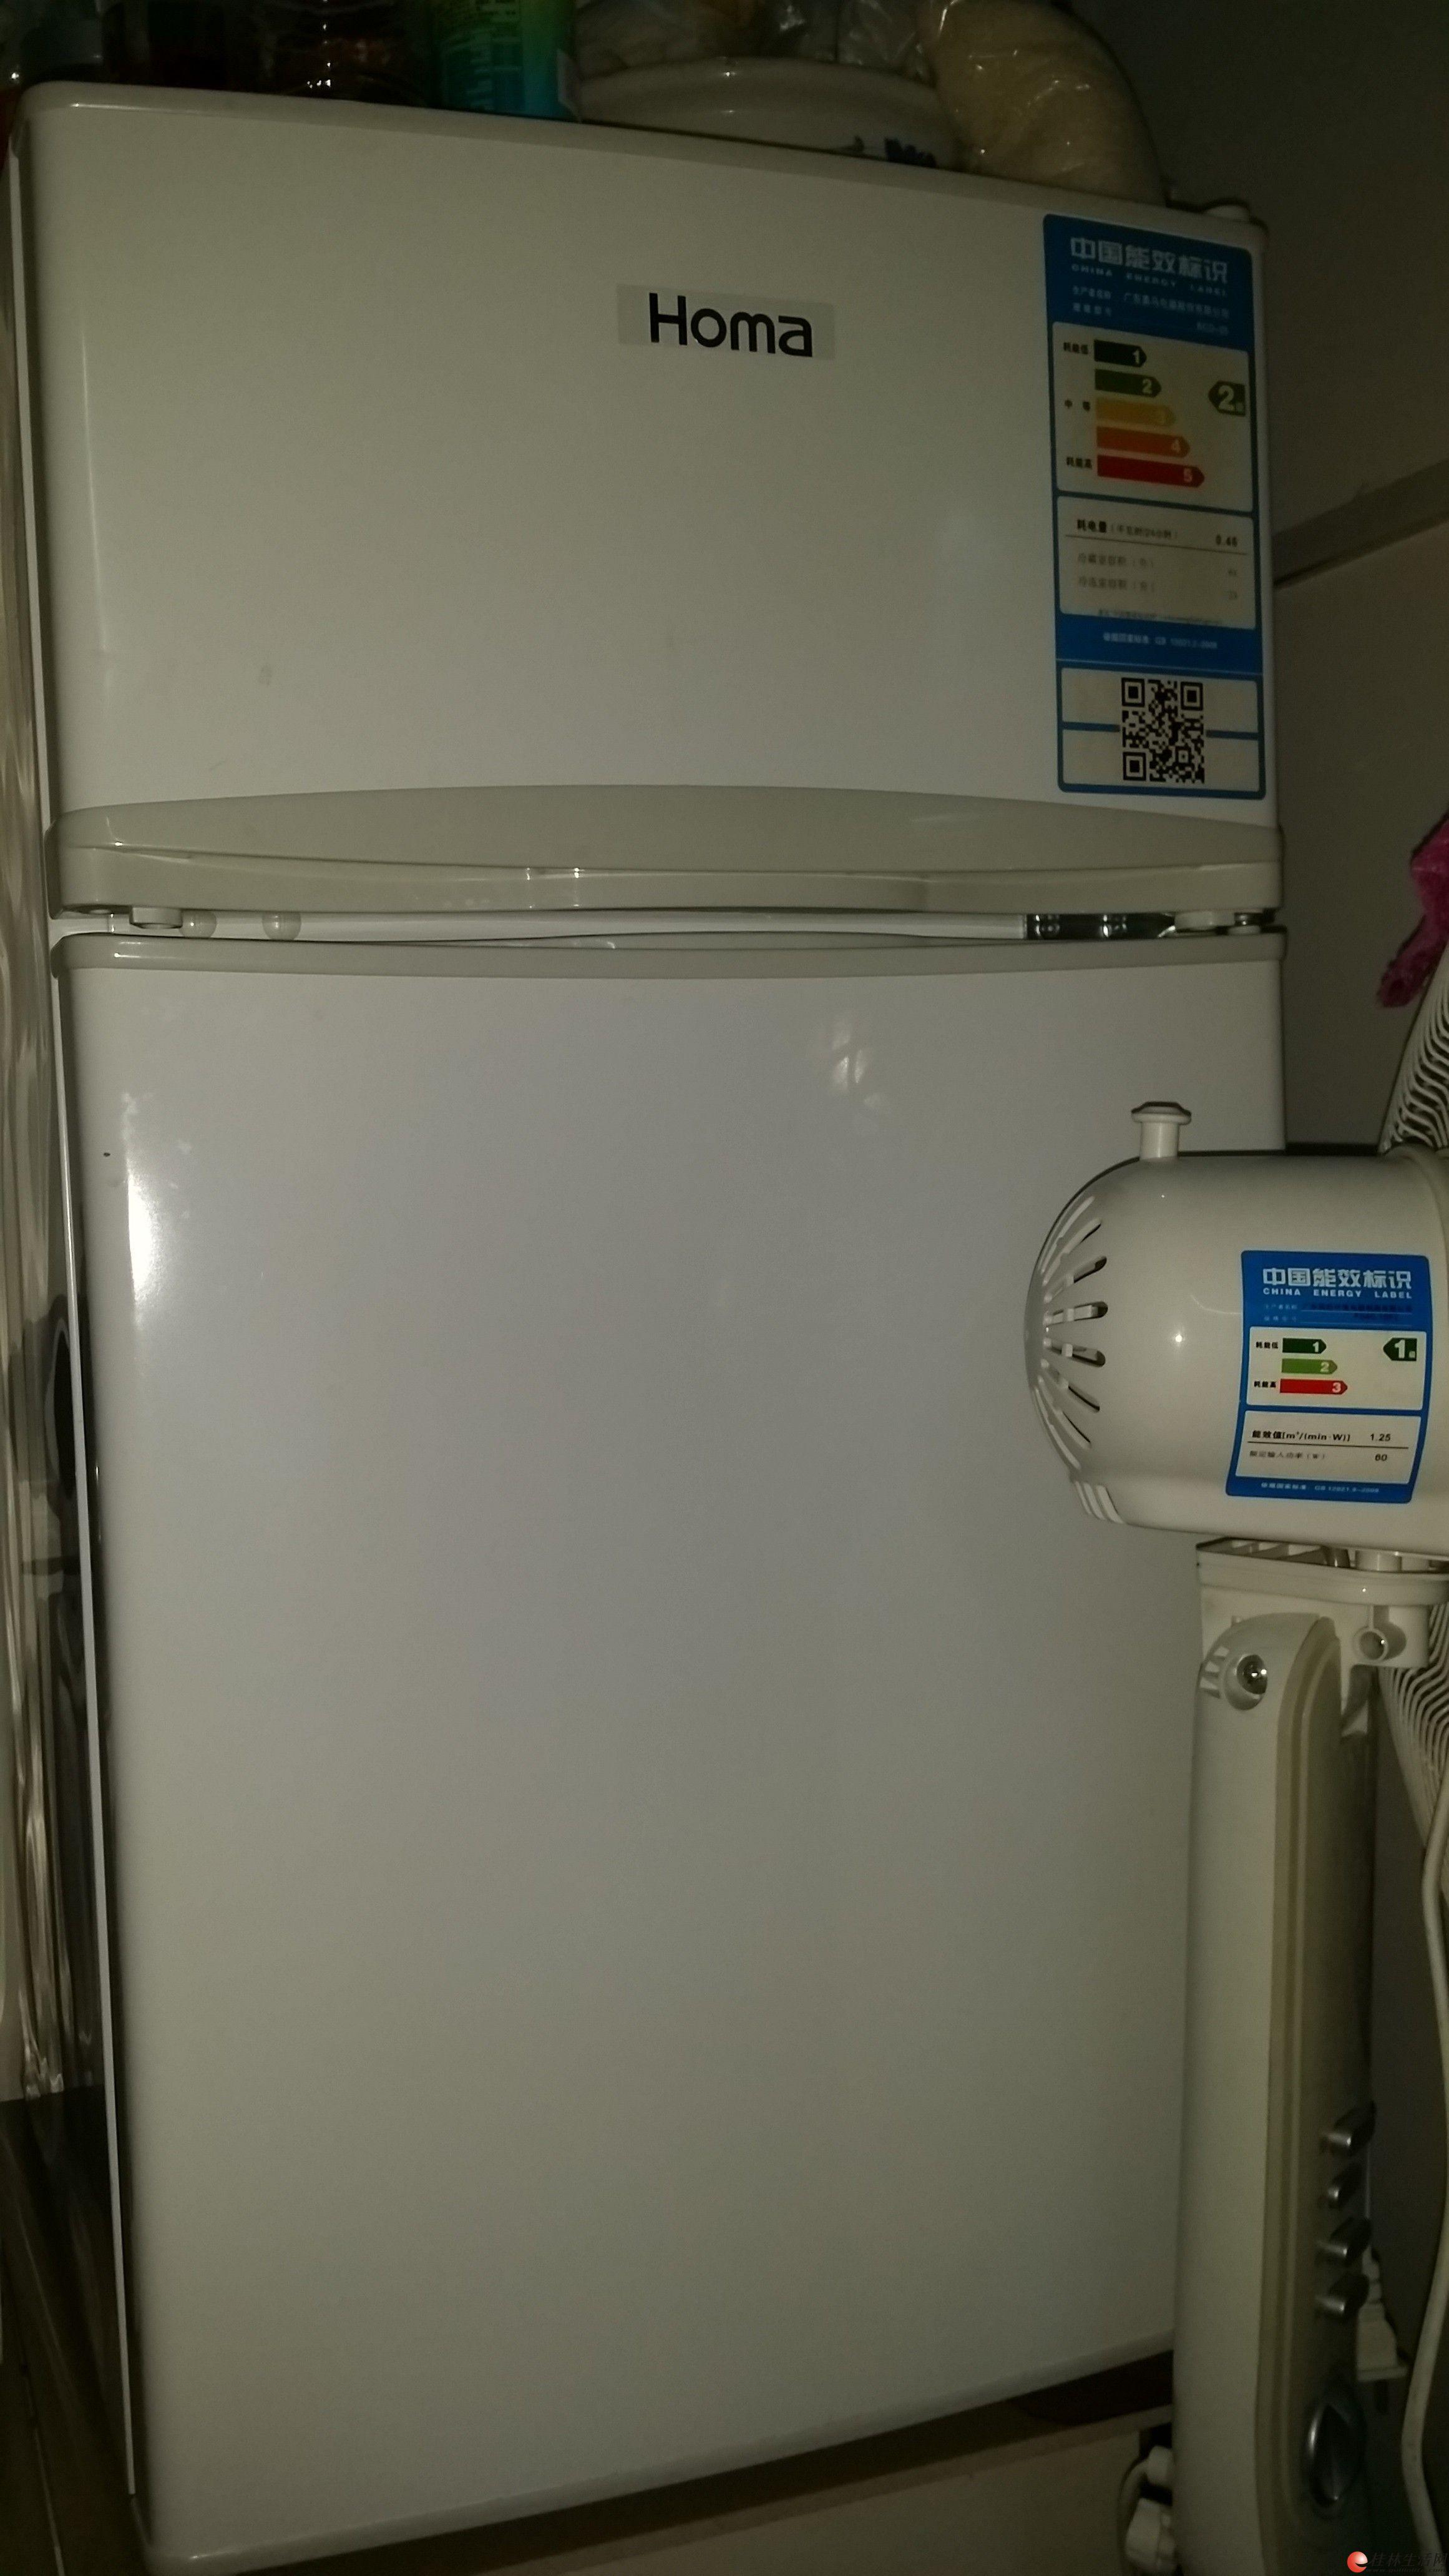 出售新买两个月的自家用的双门小冰箱一个,上层是冷藏,下层是保鲜。  24L冷冻室,结